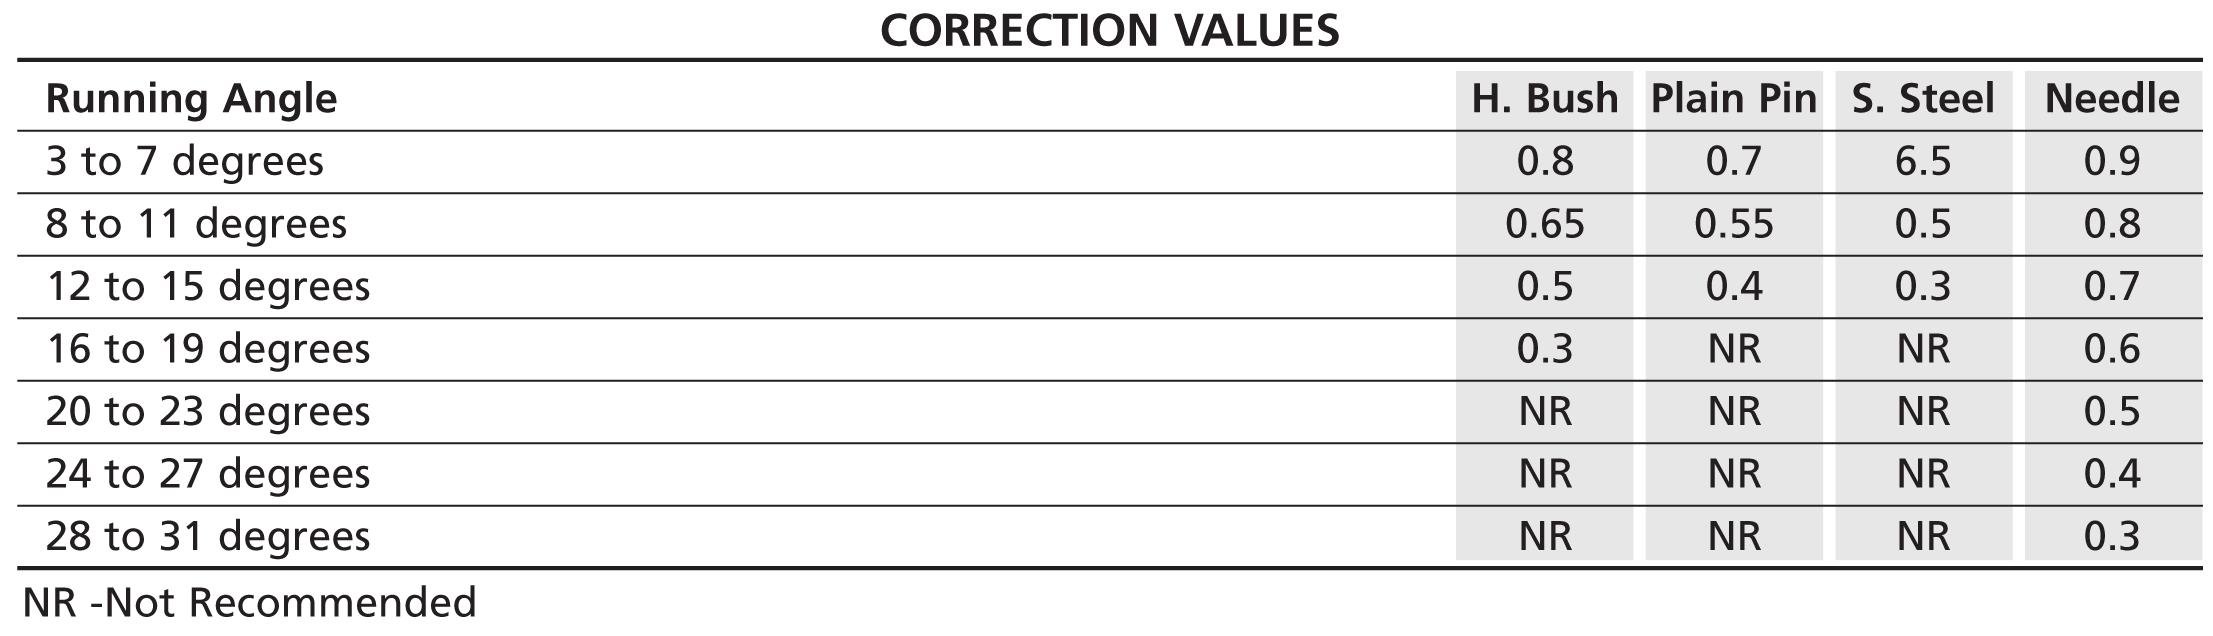 correction_values